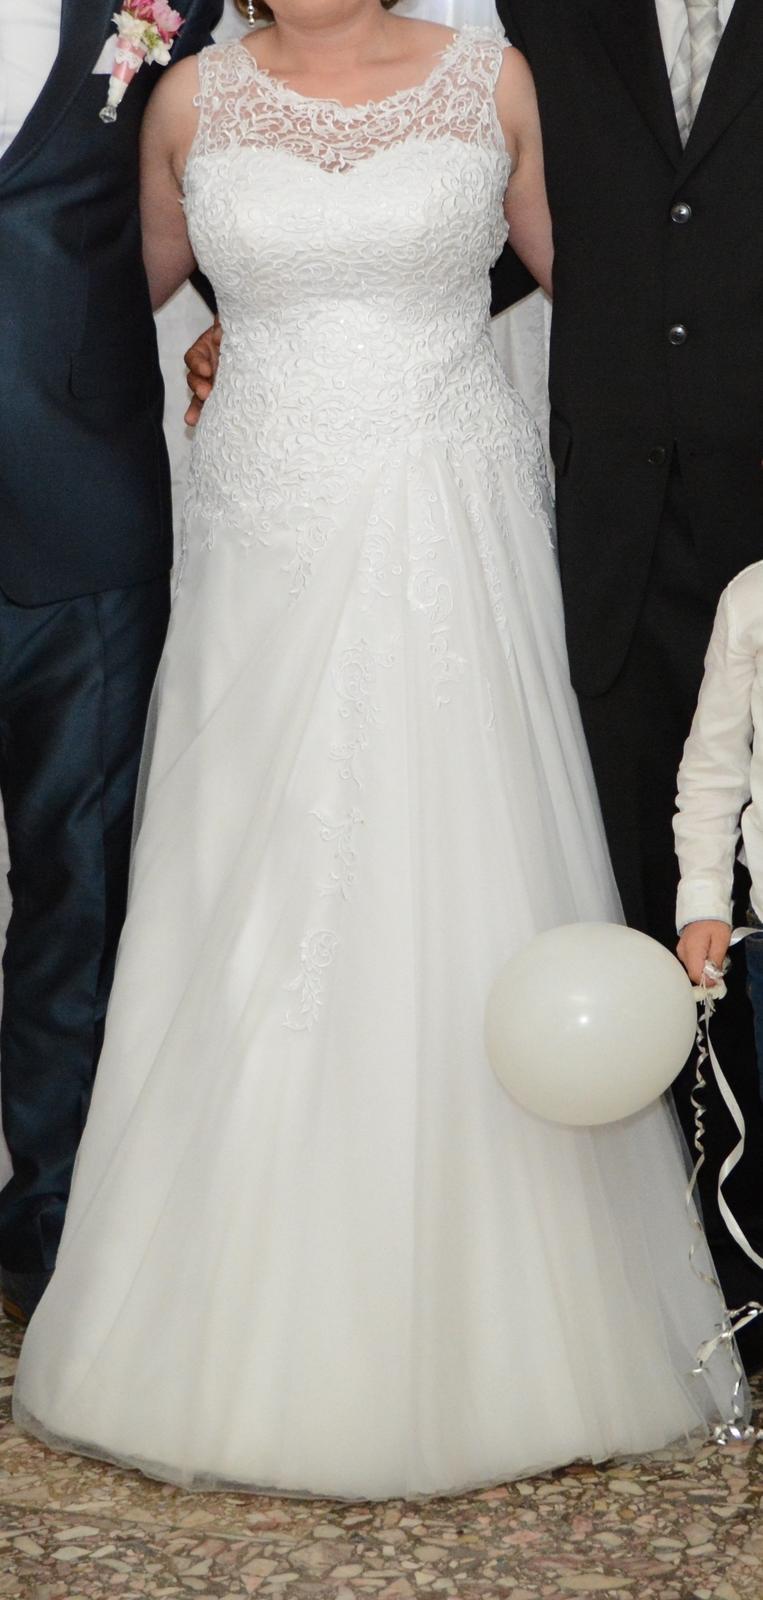 čipkované svadobné šaty 38 - Obrázok č. 3